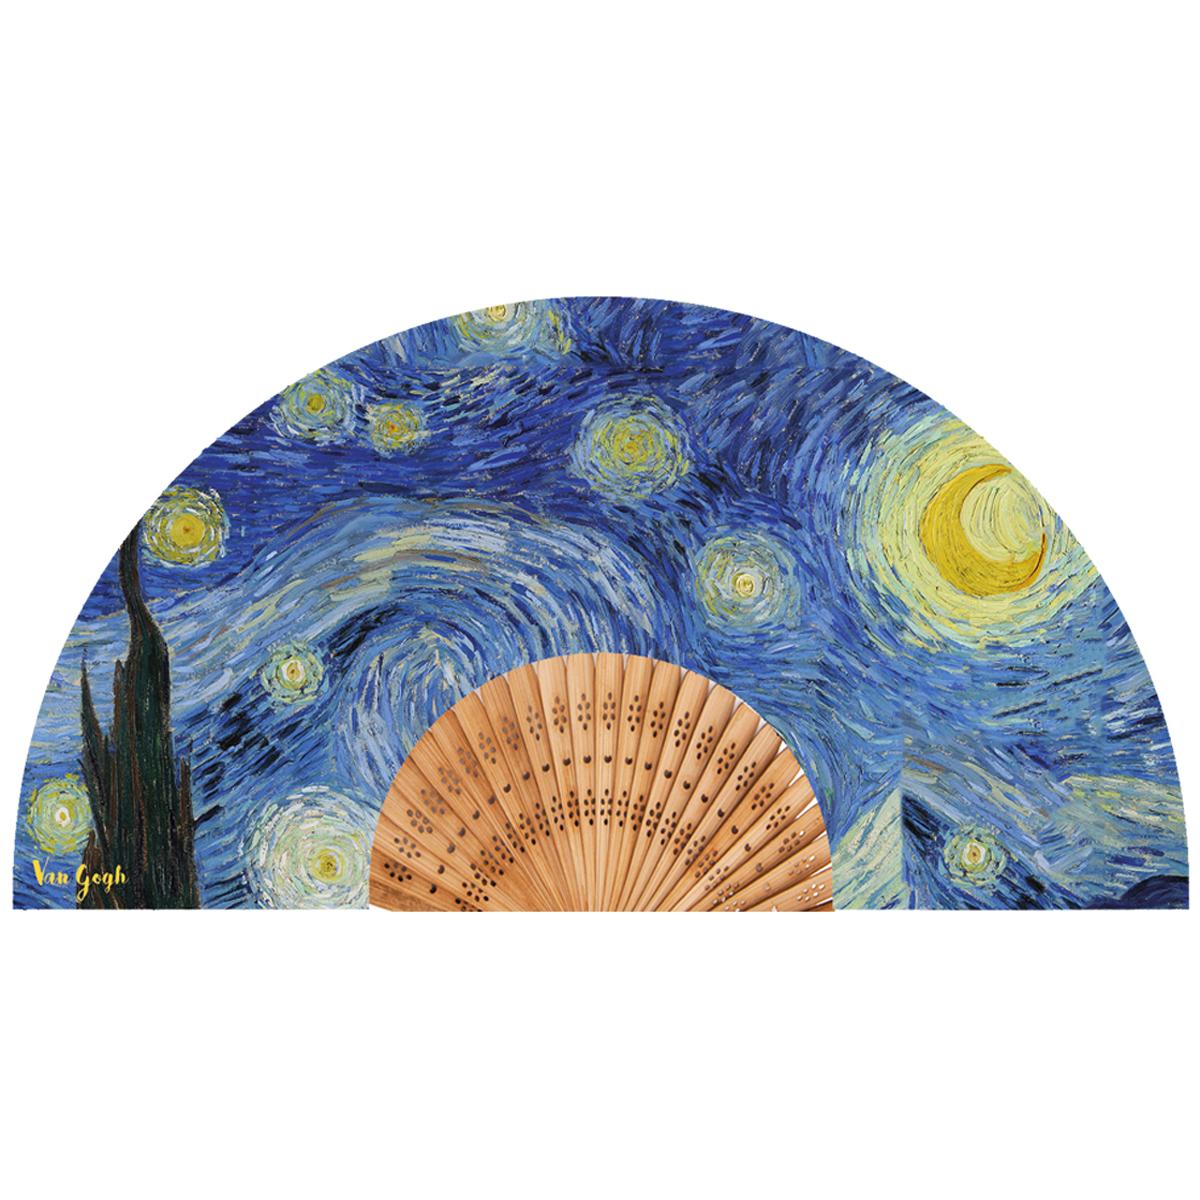 Eventail créateur \'Vincent Van Gogh\' (La Nuit Etoilée) - ouvert 37x21 cm - [Q9274]